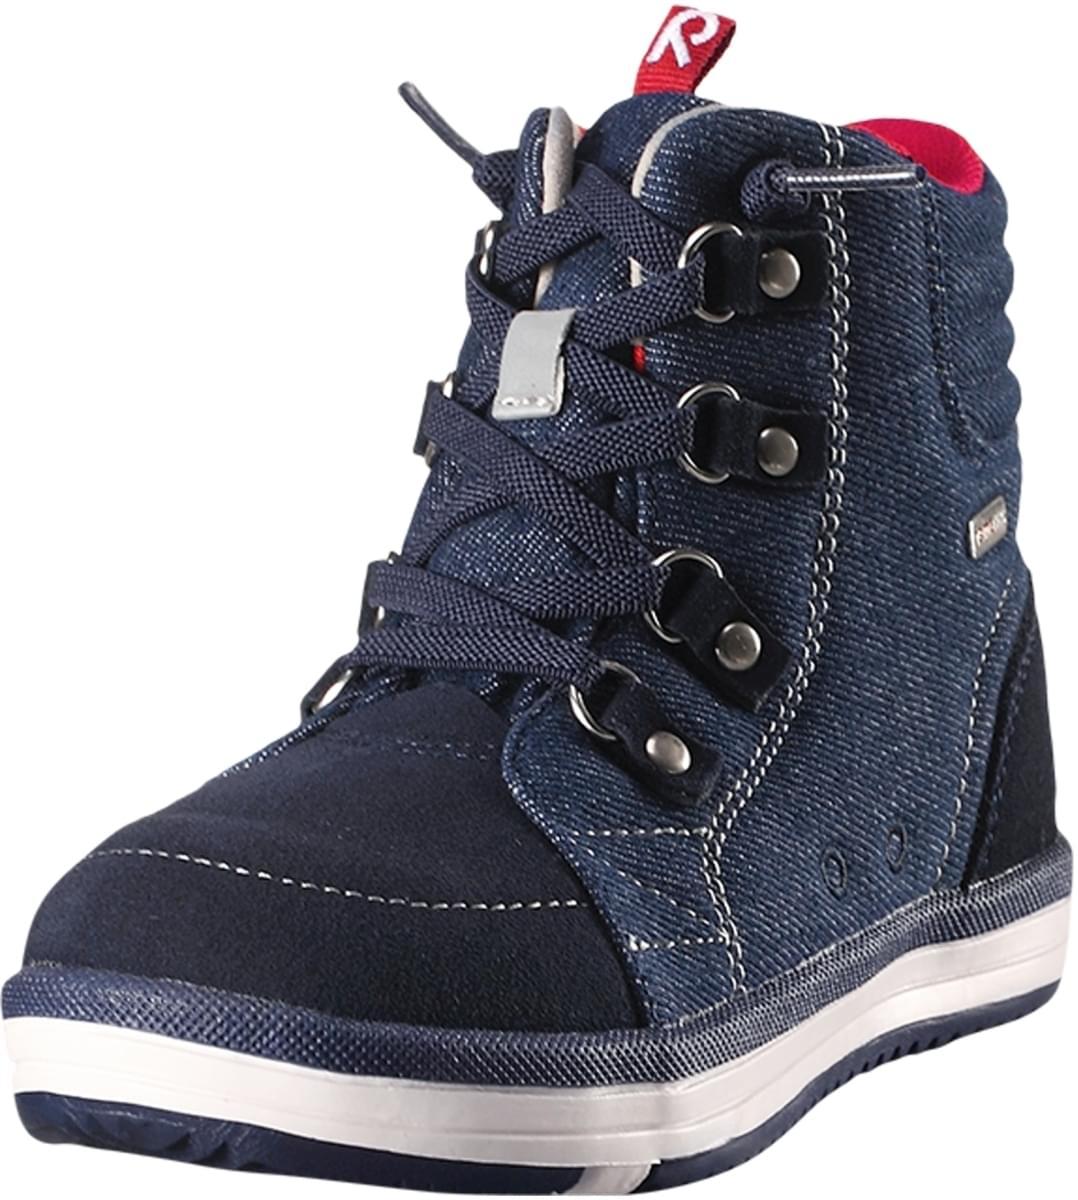 a282a9578eeed Tenisky Archives - Funkčné detské oblečenie a obuv Reima a ...